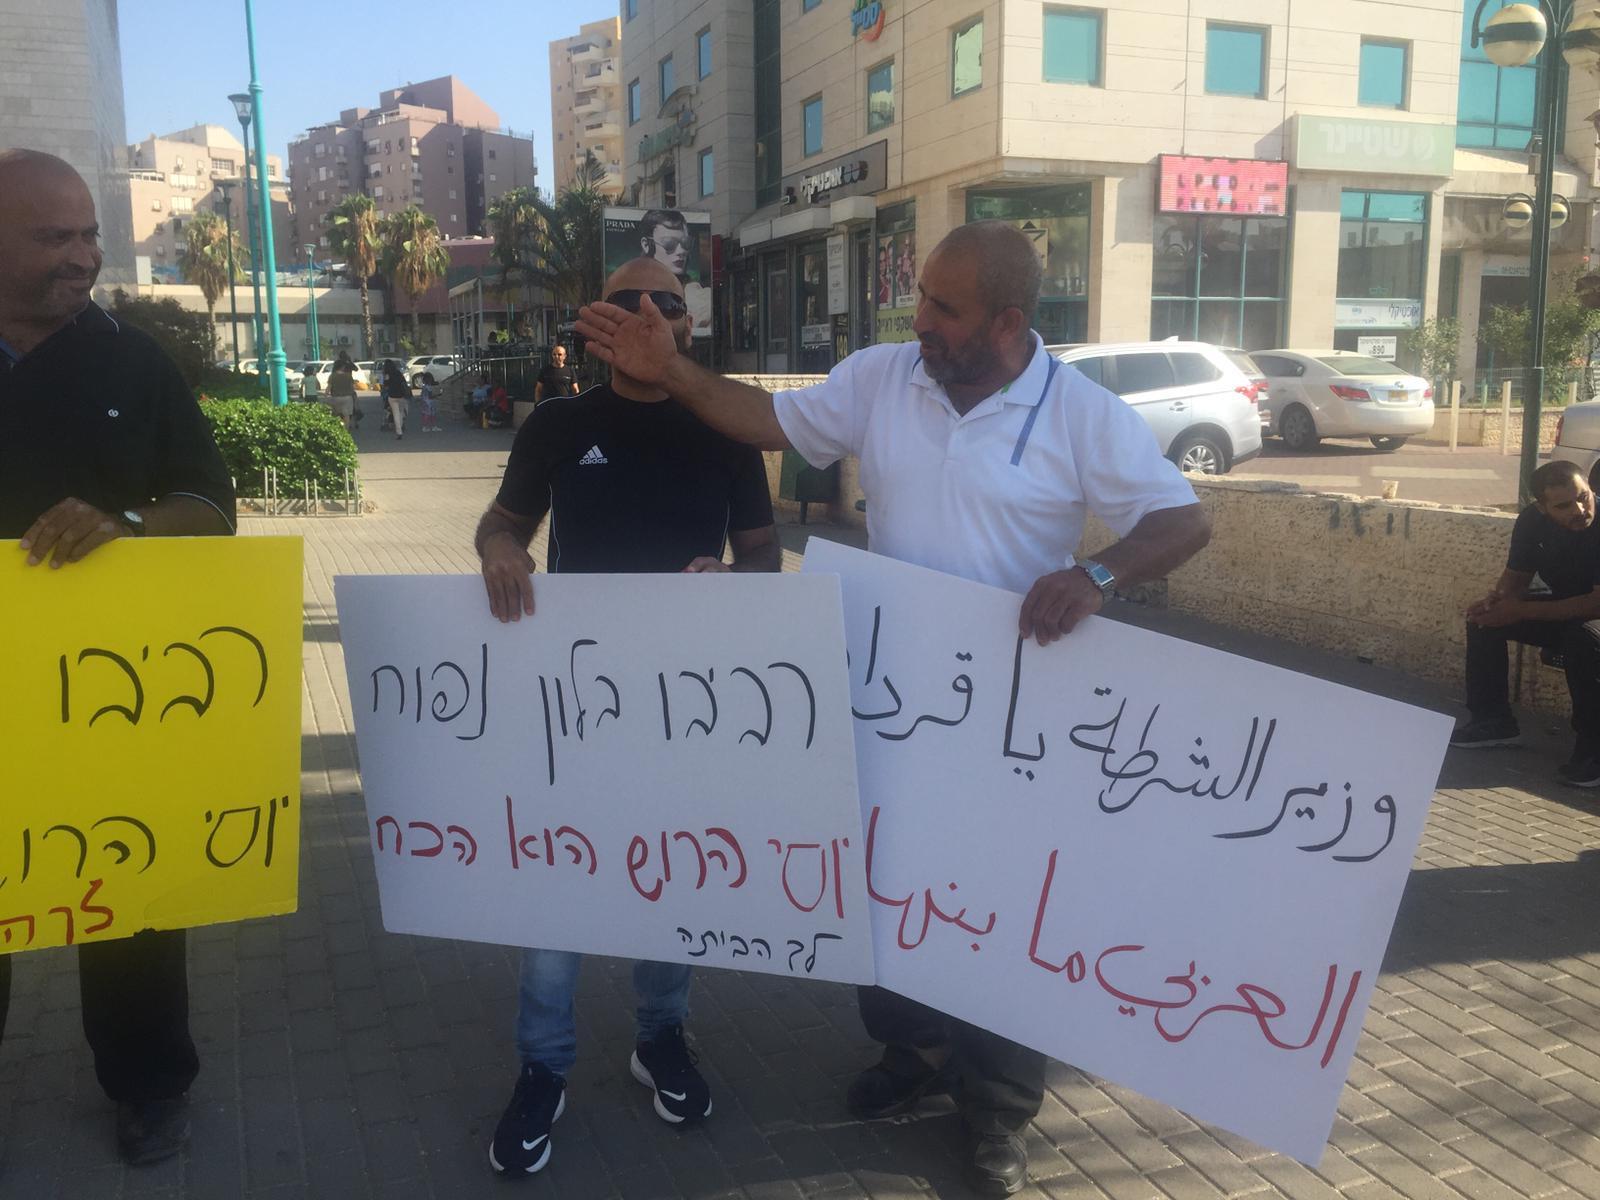 اللد: تظاهرة احتجاجية على تعامُل الشرطة مع المواطنين العرب